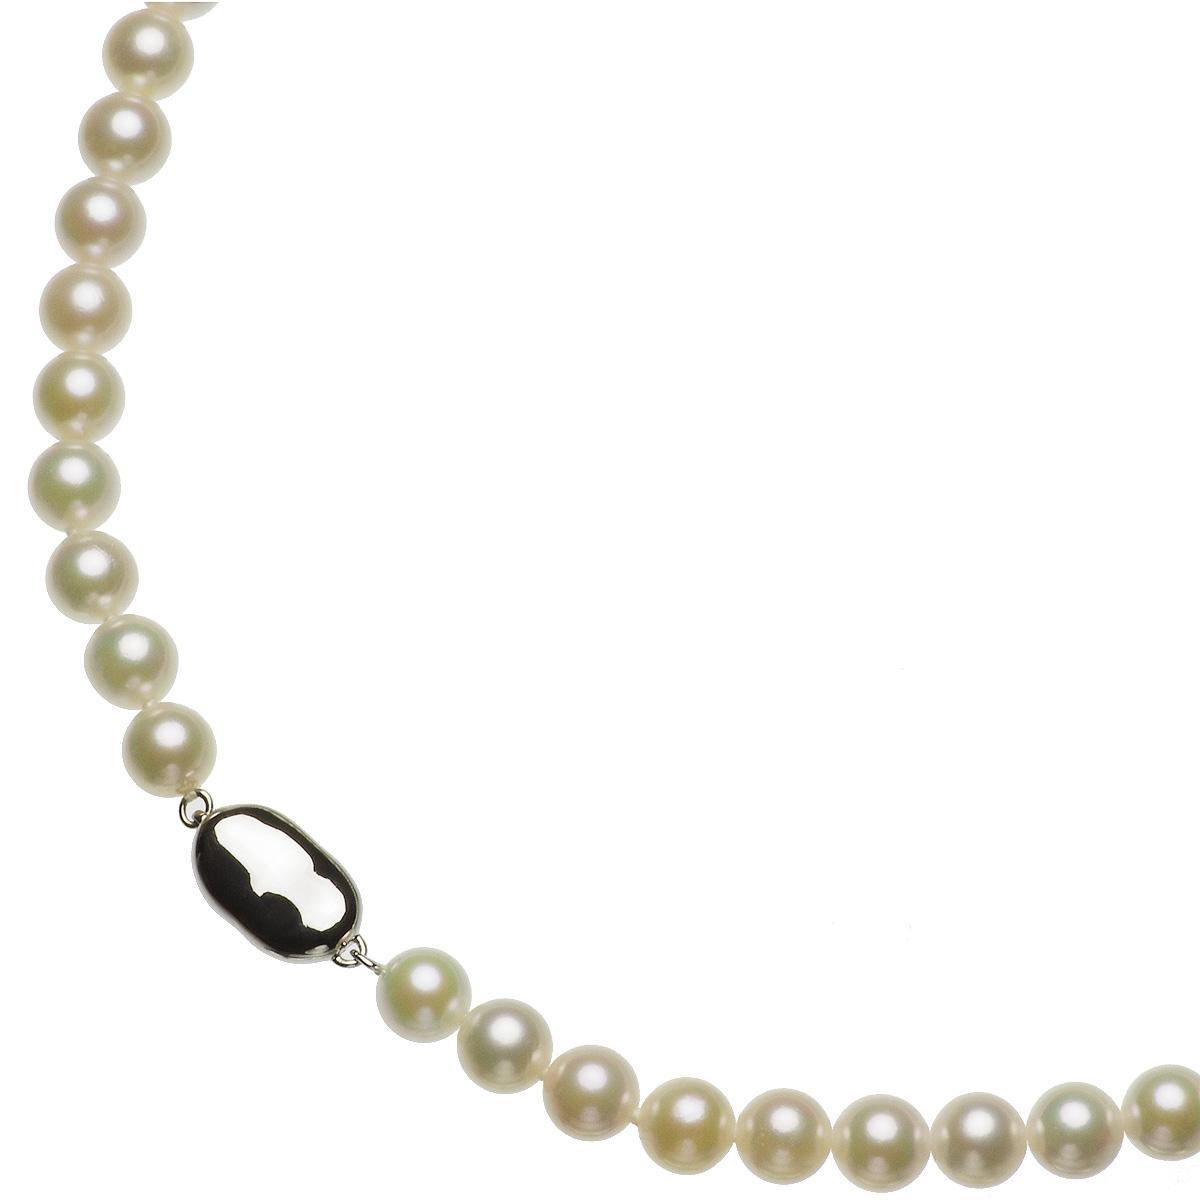 アコヤ 厚巻き 高品質 真珠 パール ピアス ネックレス セット 約7.5-8.0mmの写真